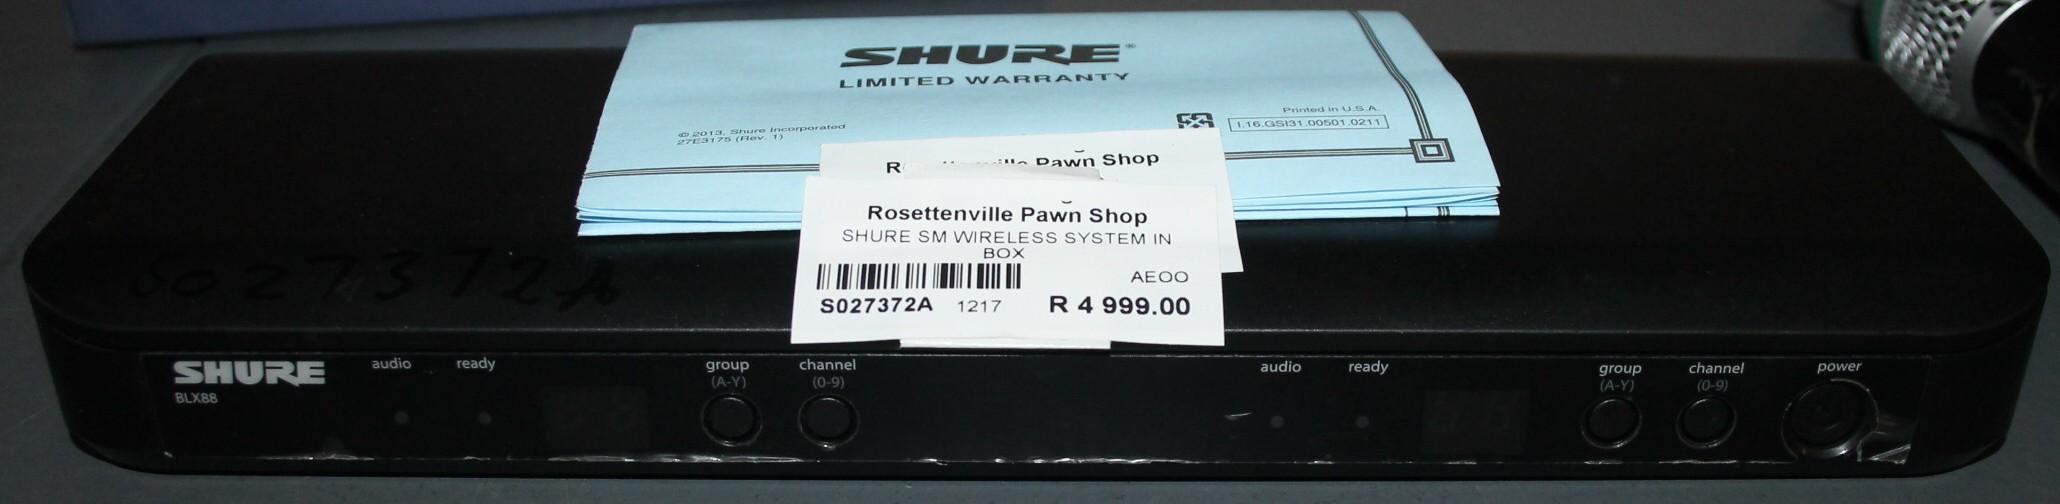 Shure wireless system S027372a #Rosettenvillepawnshop